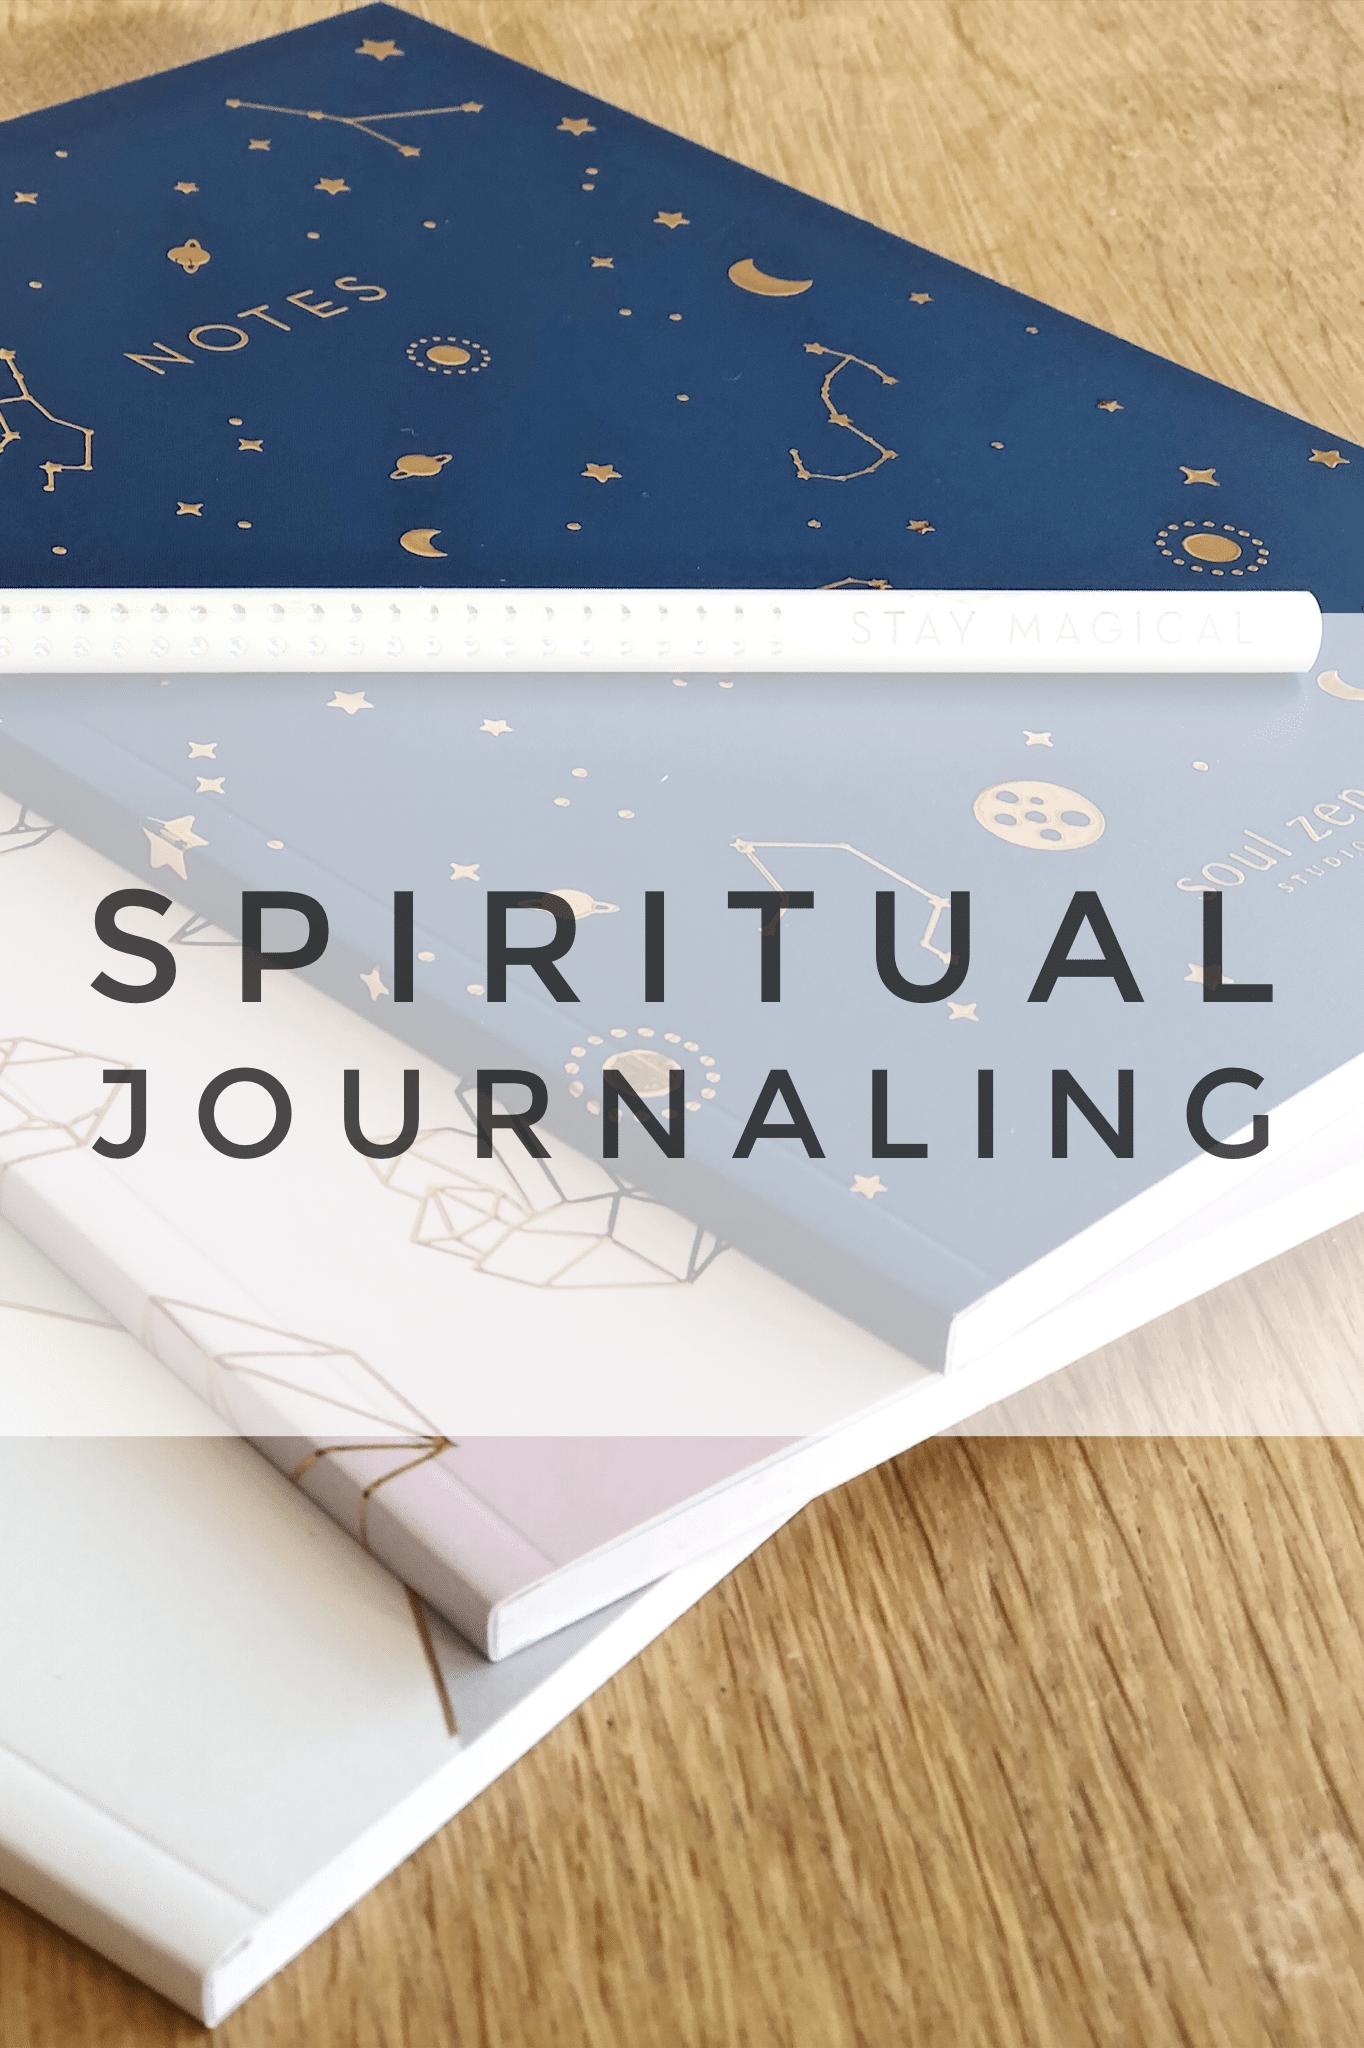 """Dir fehlt Klarheit in deinem Leben und Business? Mit meinen Ideen für """"Spiritual Journaling"""" kannst auch du dein Leben zum Erfolg machen."""